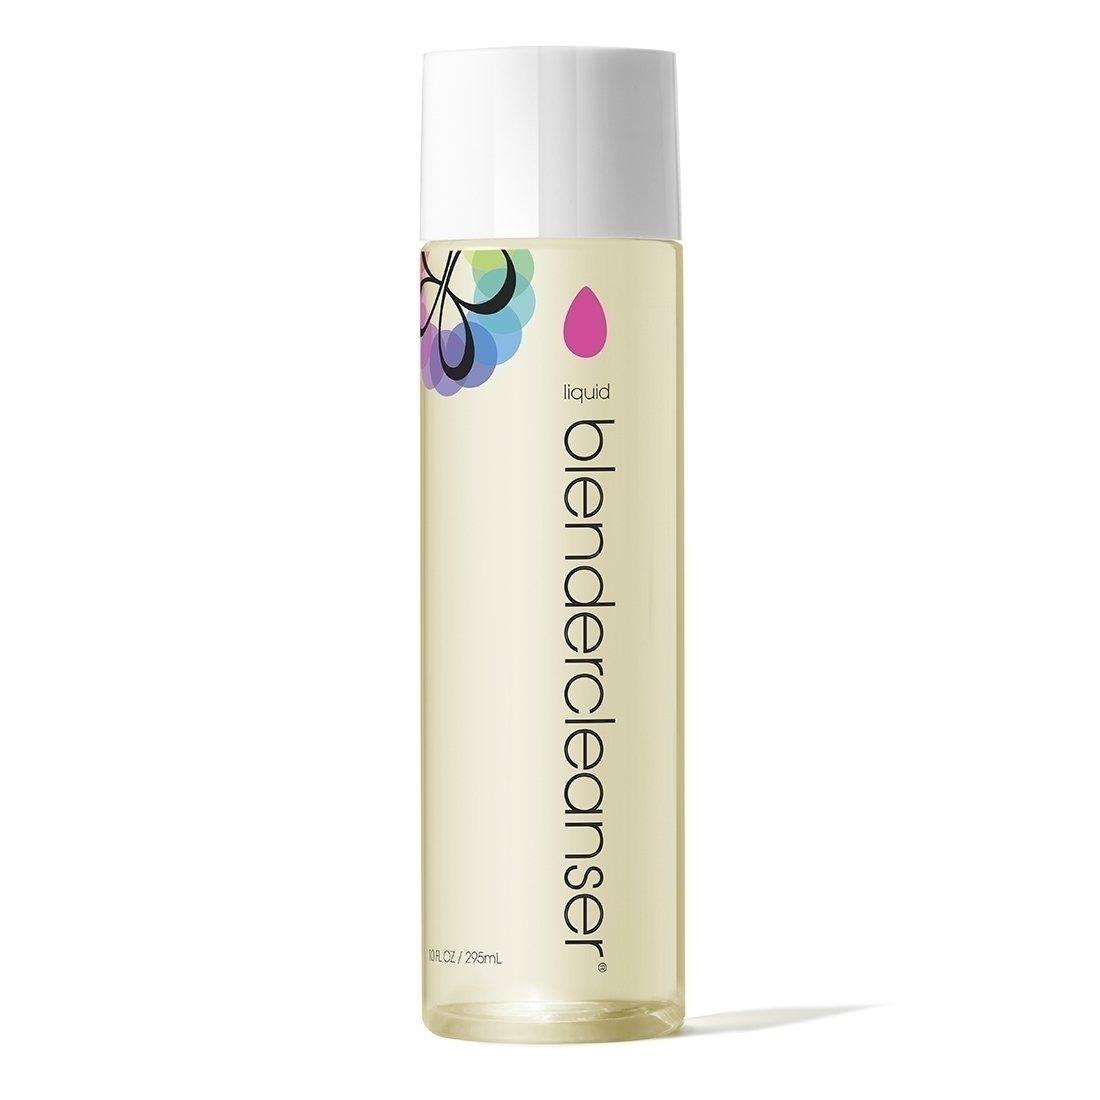 Beautyblender liquid blendercleanser for Cleaning Makeup Sponges & Brushes, 10 oz 5592